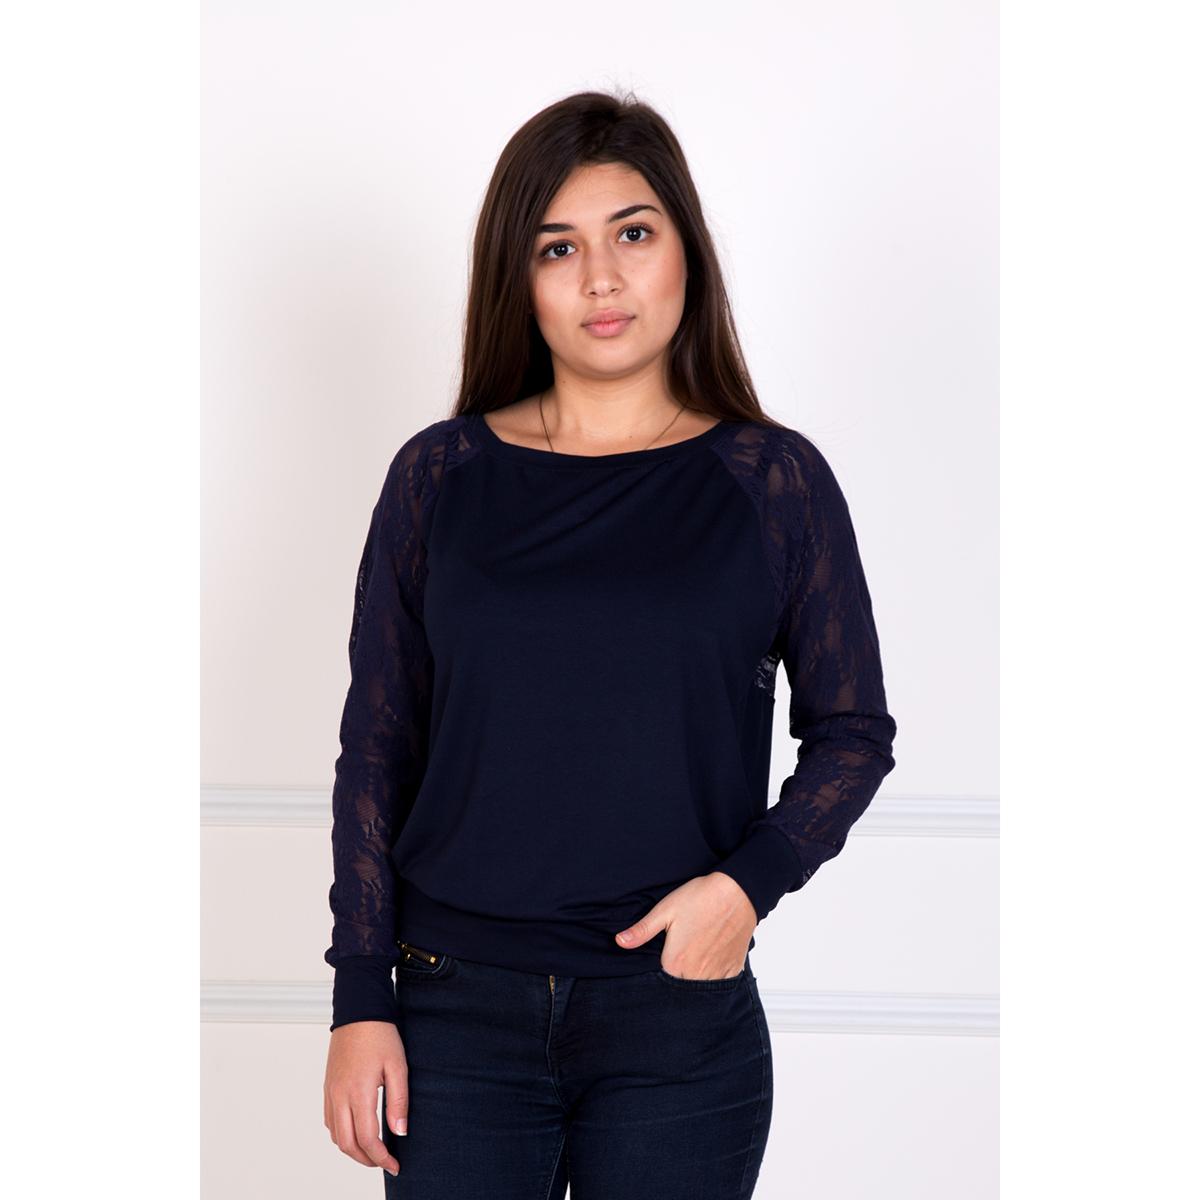 Женская блуза Силена Синий, размер 44Блузы<br>Обхват груди: 88 см <br>Обхват талии: 68 см <br>Обхват бедер: 96 см <br>Рост: 167 см<br><br>Тип: Жен. блуза<br>Размер: 44<br>Материал: Вискоза